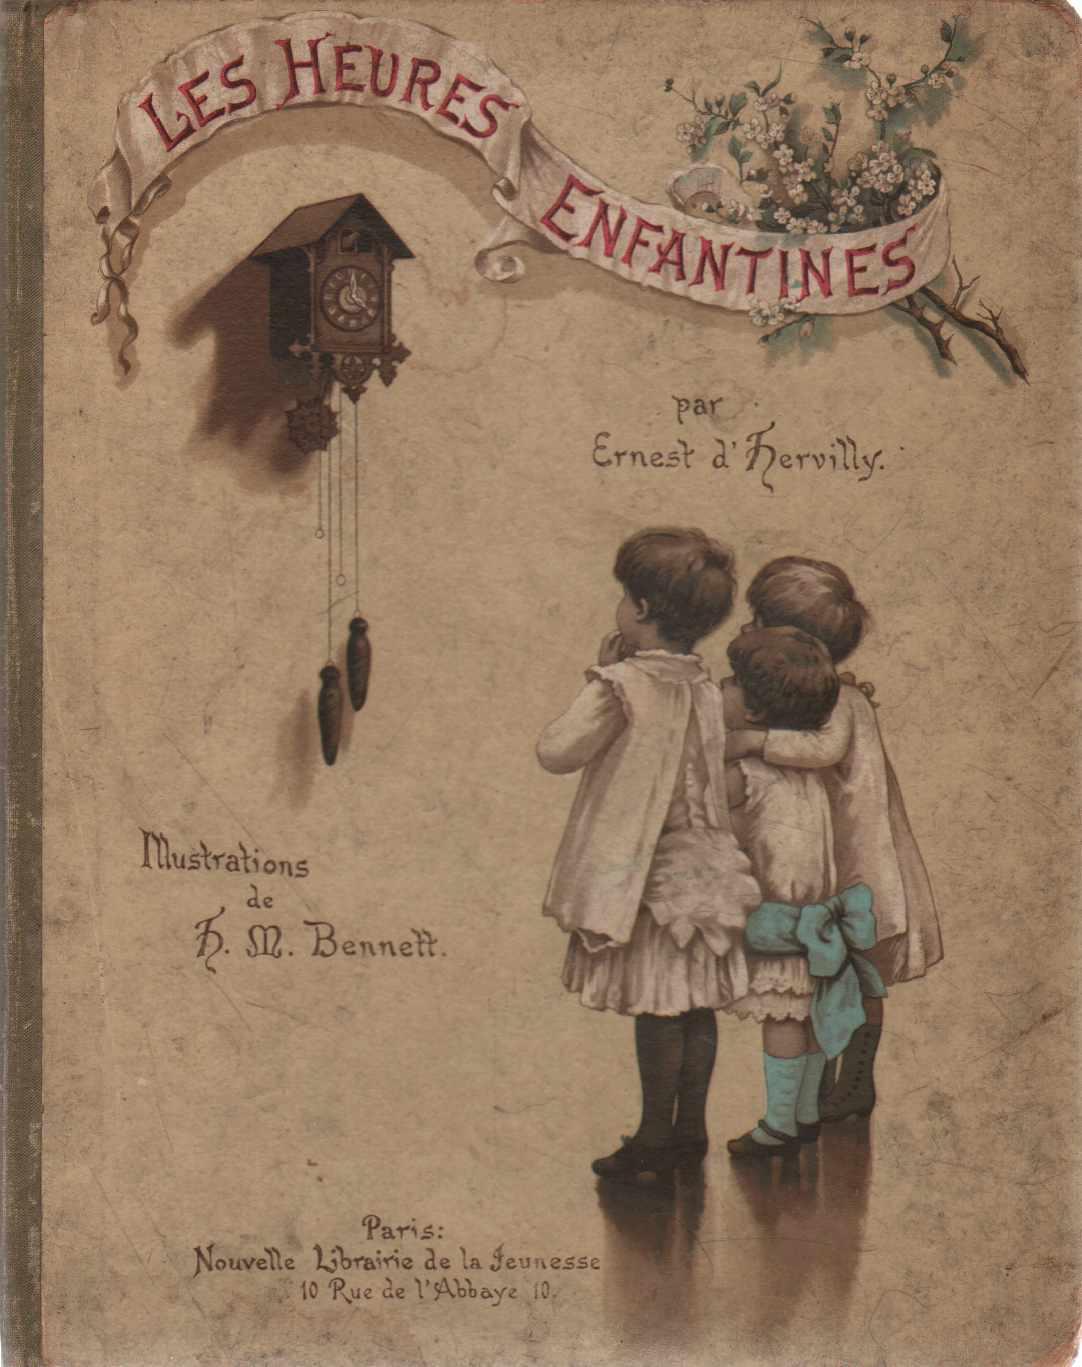 LES HEURES ENFANTINES, D'Hervilly, Ernest